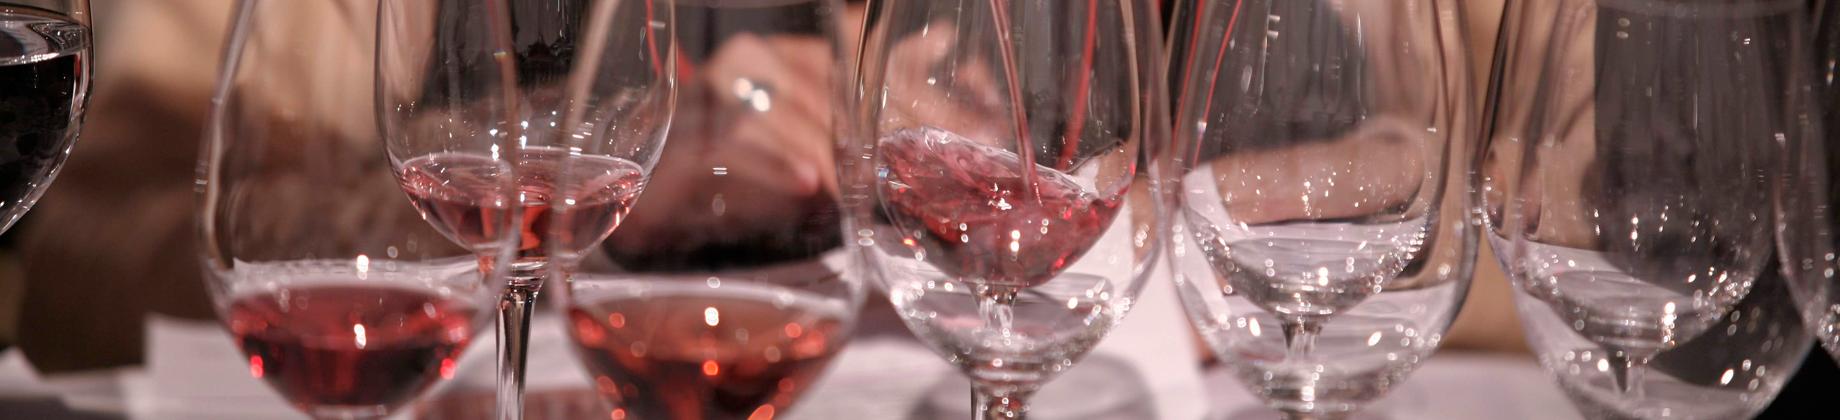 Curso de iniciación a la cata de vinos tintos